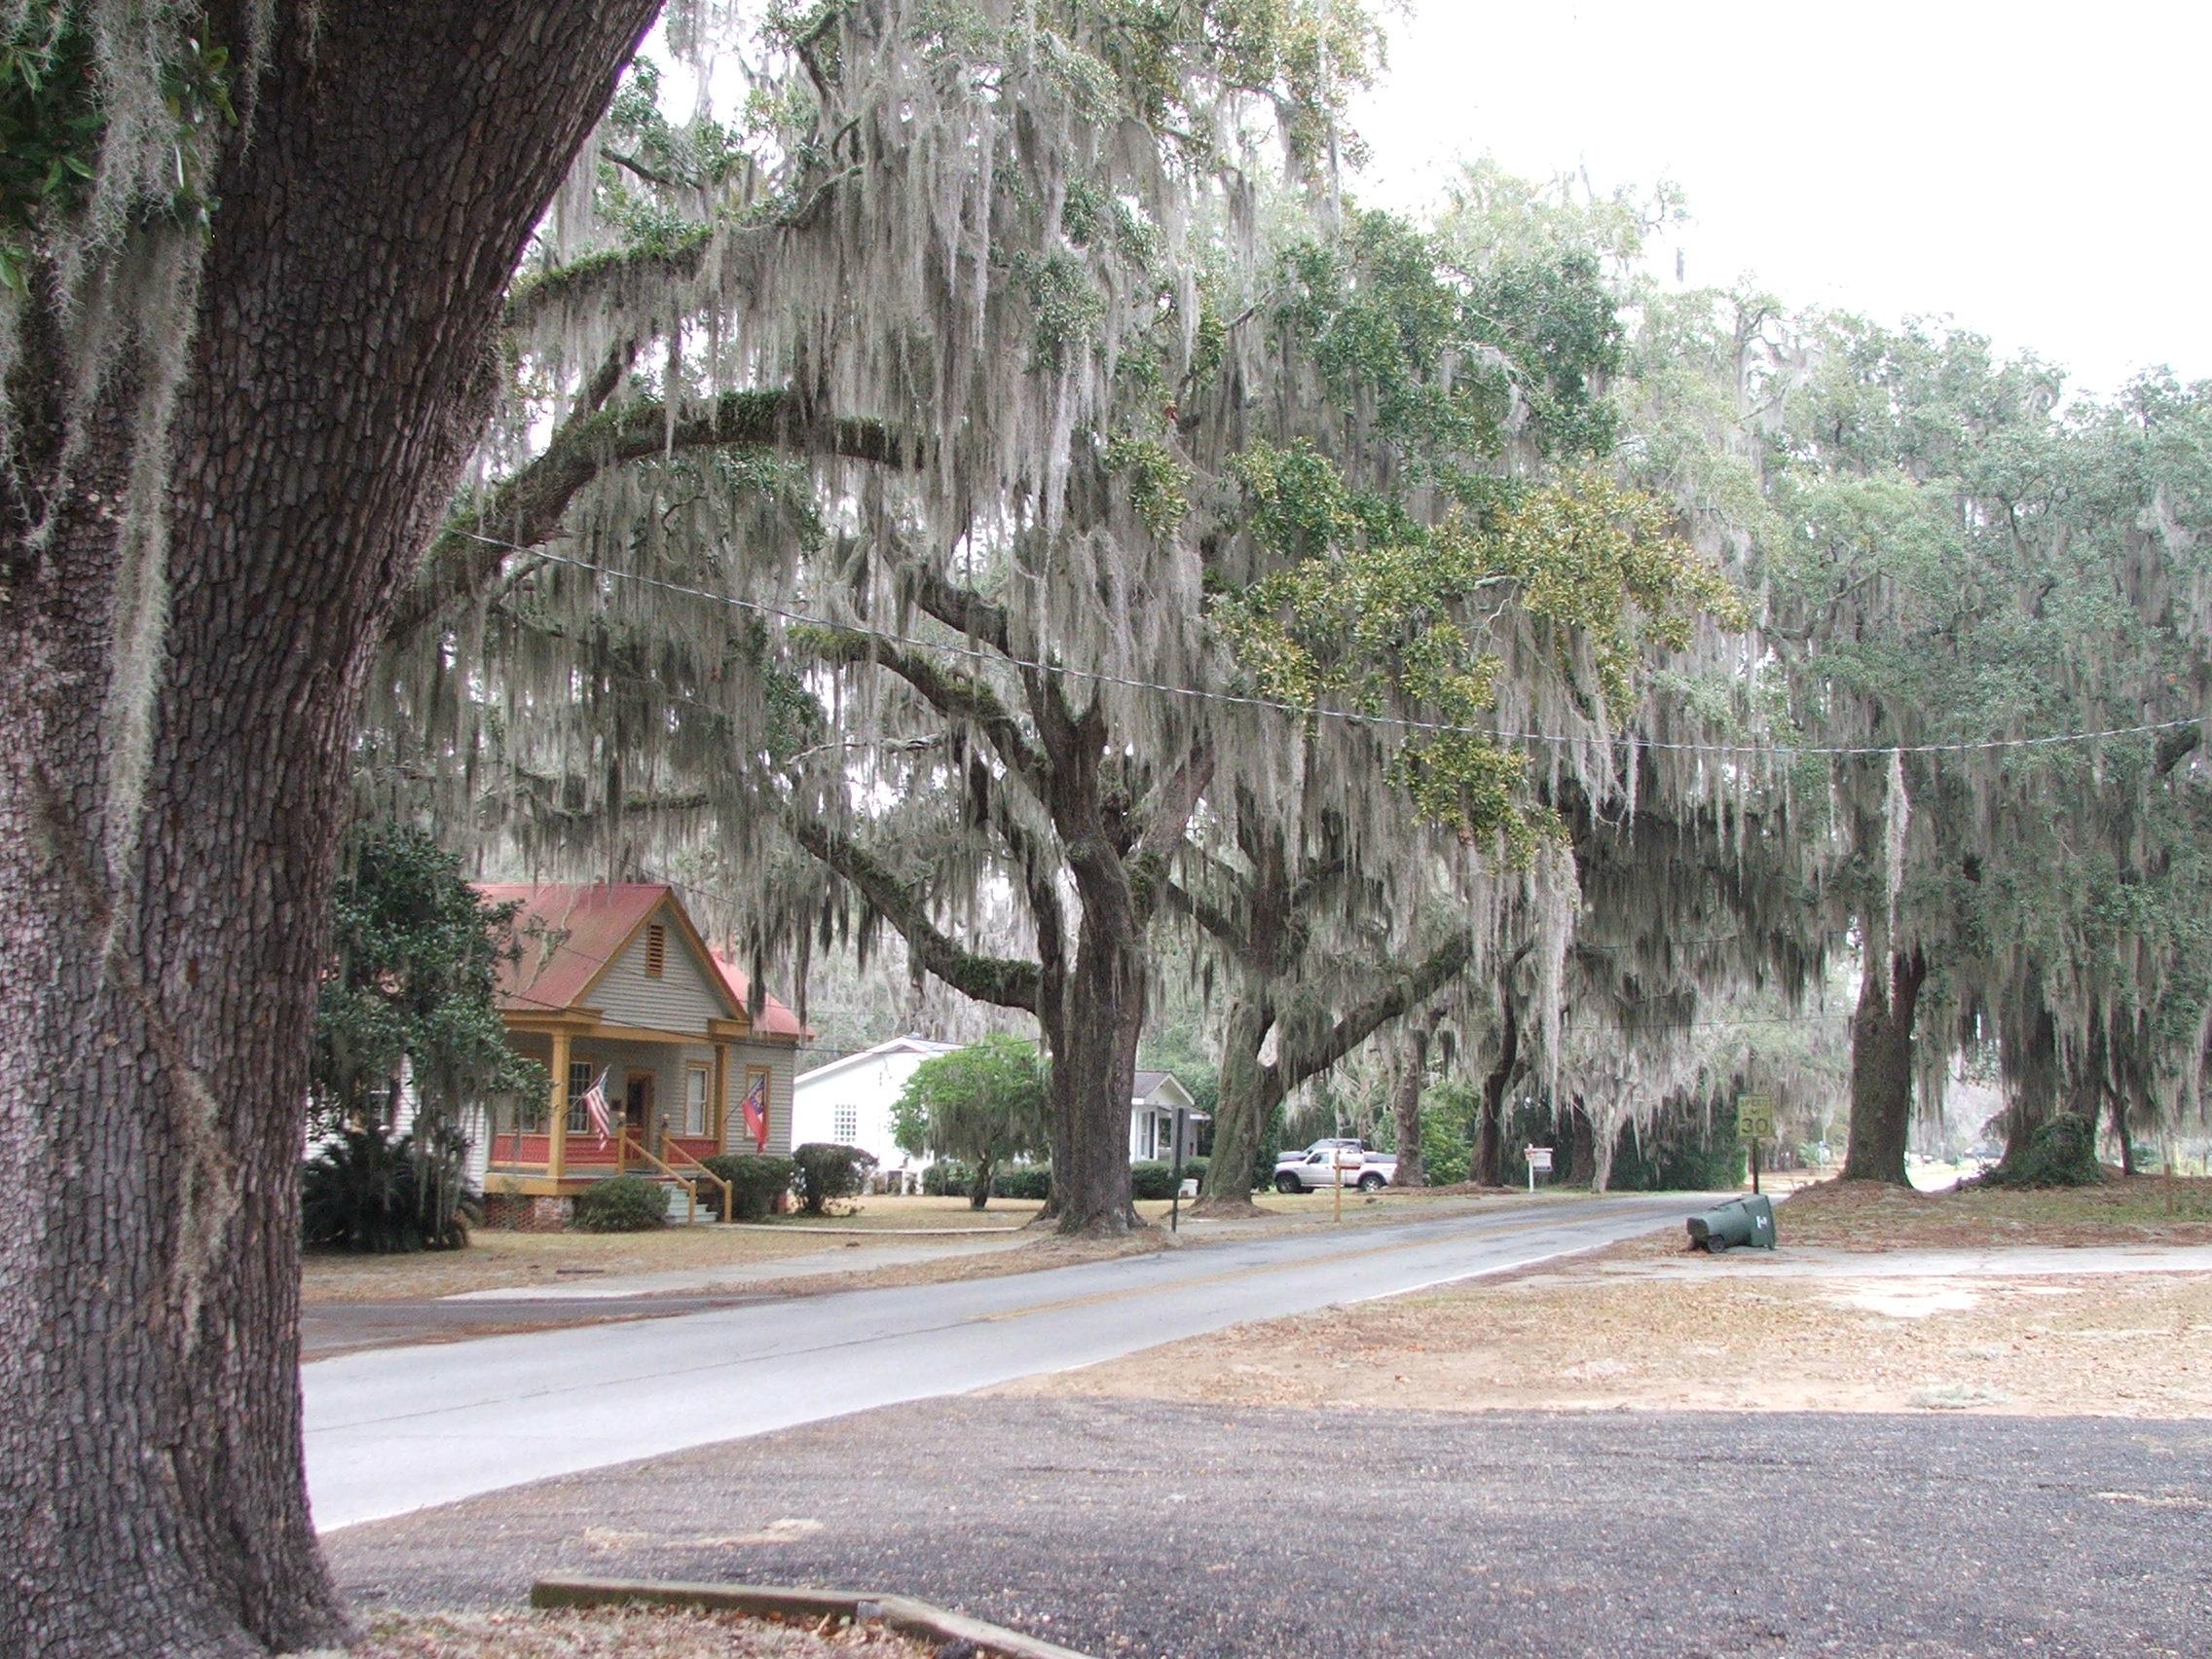 A street in Darien, GA